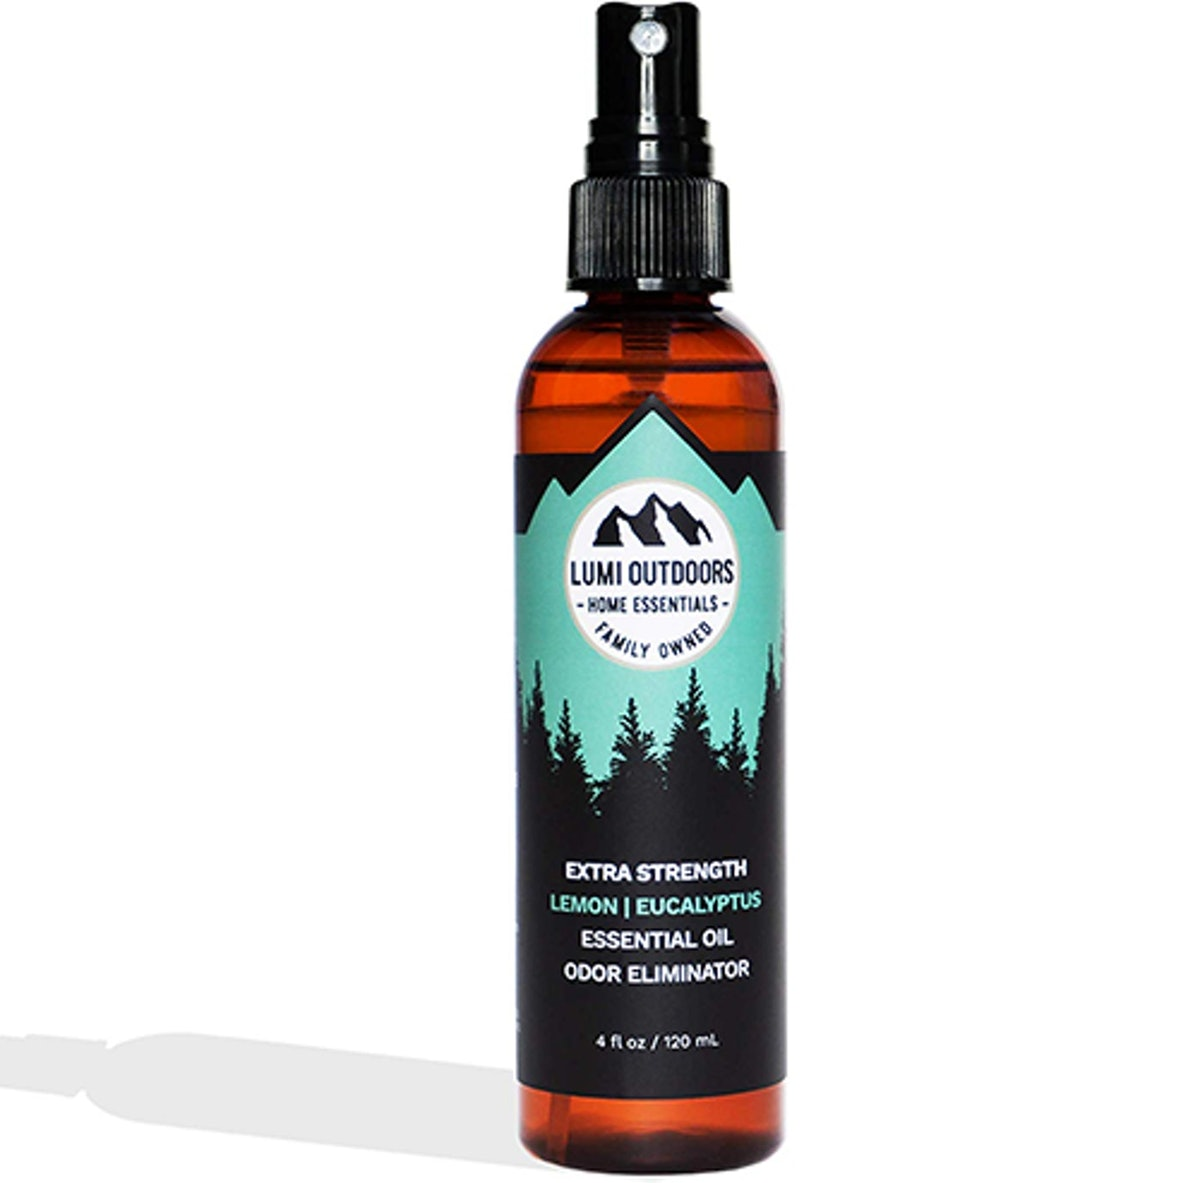 Lumi Outdoors Natural Shoe Deodorizer